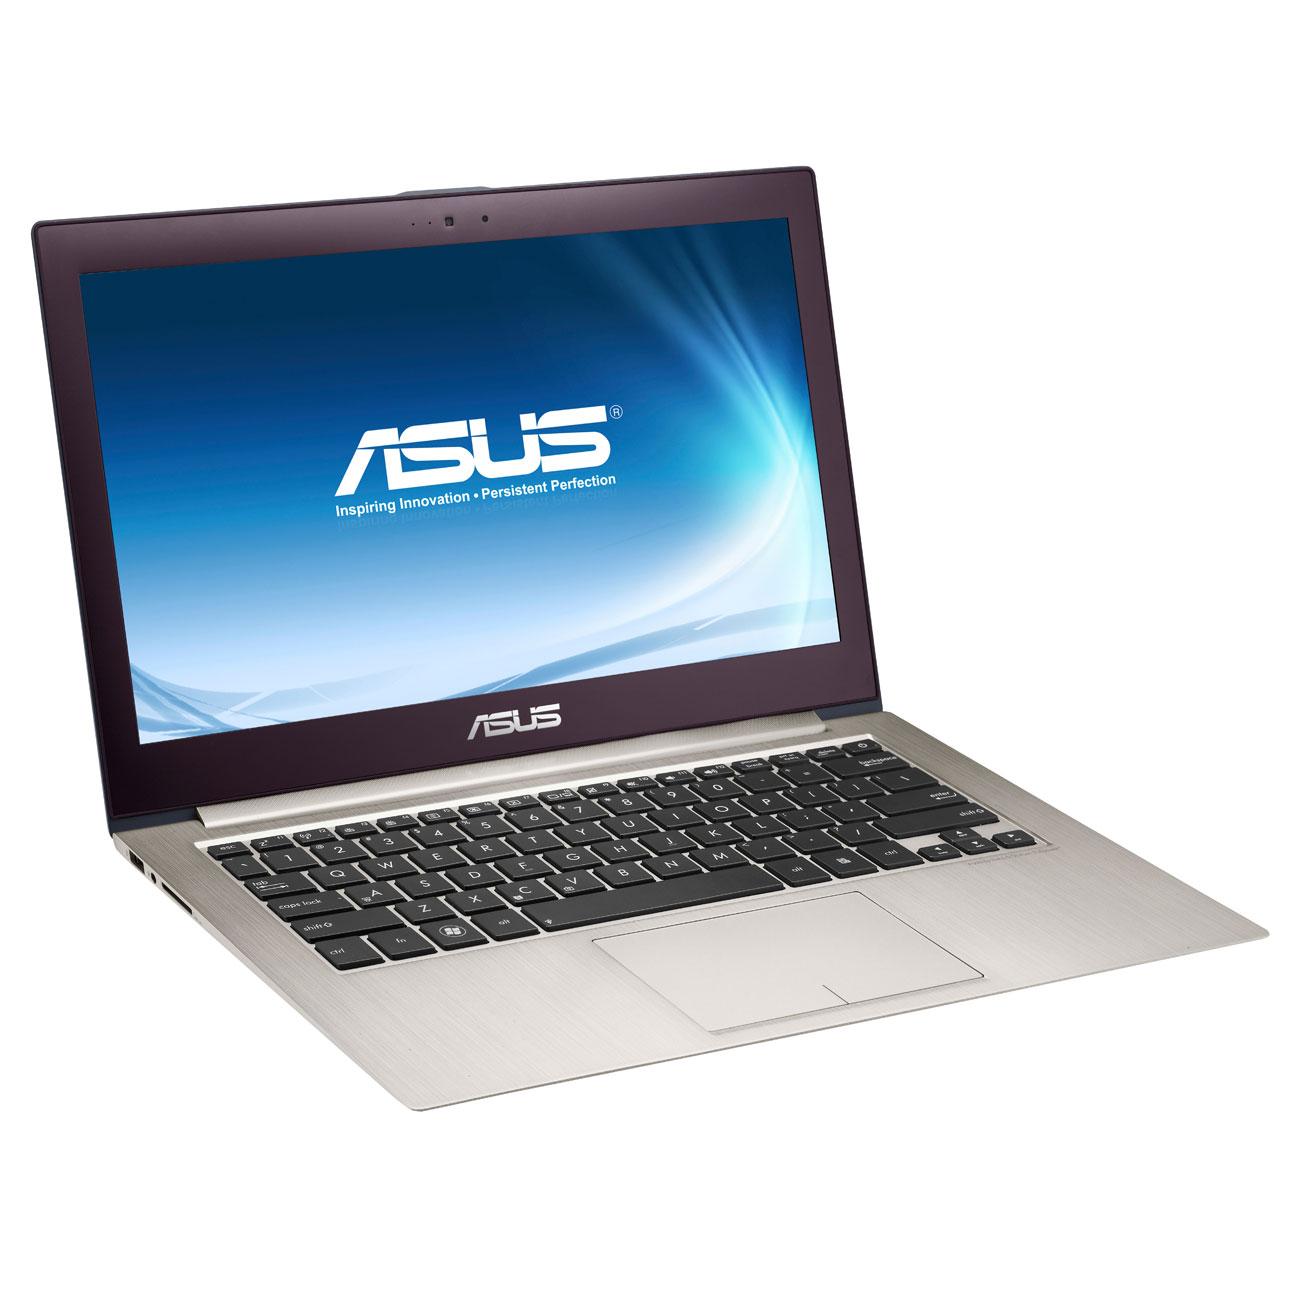 """PC portable ASUS ZenBook Prime UX31A-R4035P Intel Core i7-3537U 4 Go SSD 256 Go 13.3"""" LED Wi-Fi N/Bluetooth Webcam Windows 8 Pro 64 bits (garantie constructeur 2 ans)"""